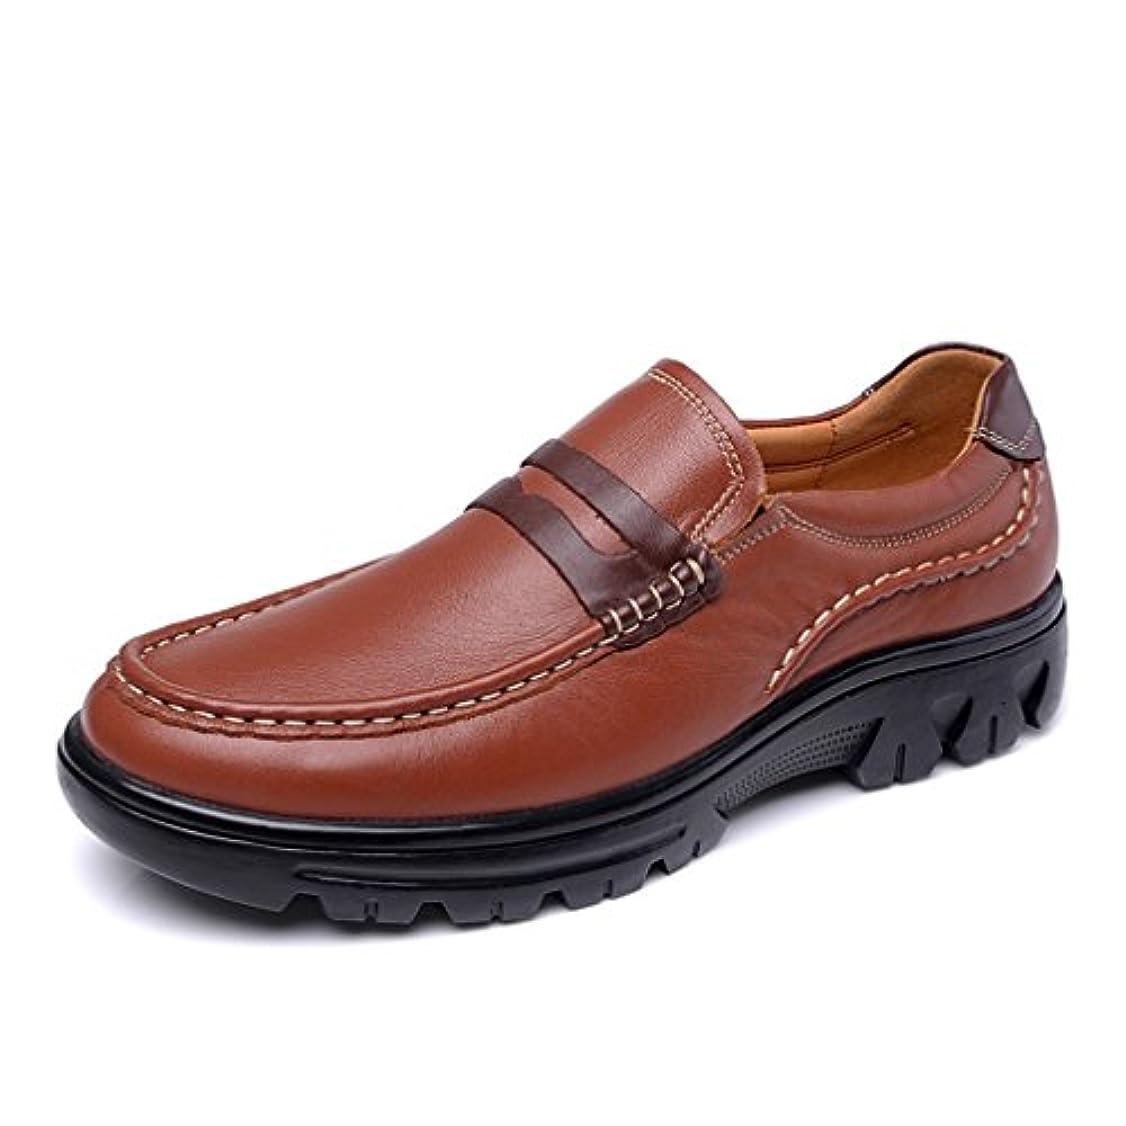 放射能流す静める[イノヤ]ビジネスシューズ メンズ 革靴 牛革 ラウンドトゥ 厚底靴 スリッポン カジュアルシューズ 通気穴 ドライビングシューズ 紳士靴 ローファー 防滑 歩きやすい革靴 通勤 オシャレ 黒 褐色